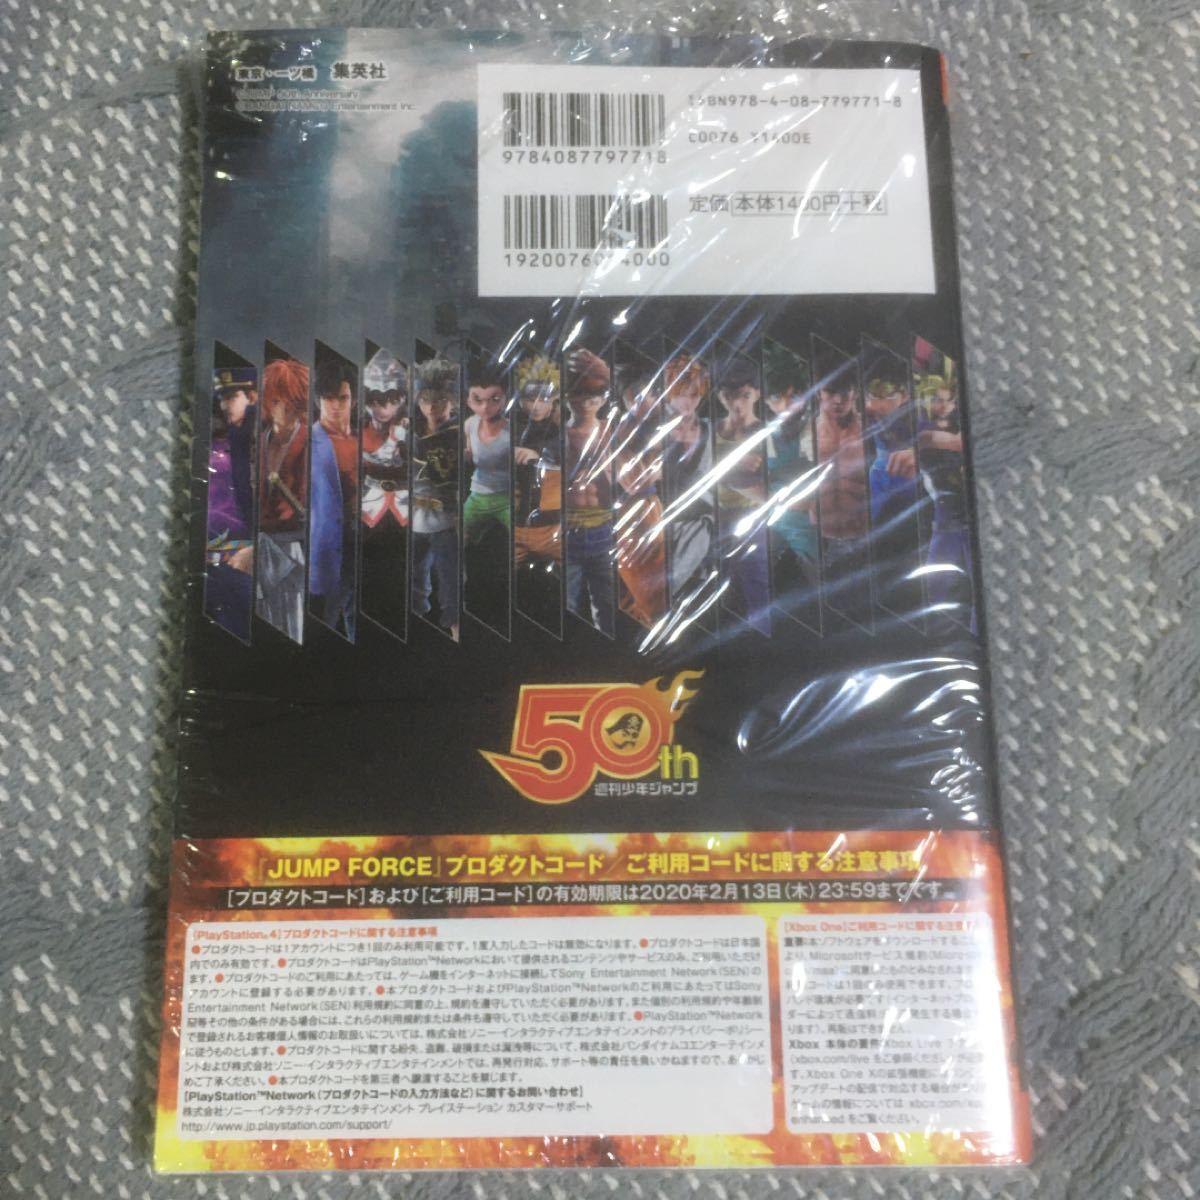 ジャンプヒーローズガイド PlayStation 4/Xbox One両対応版